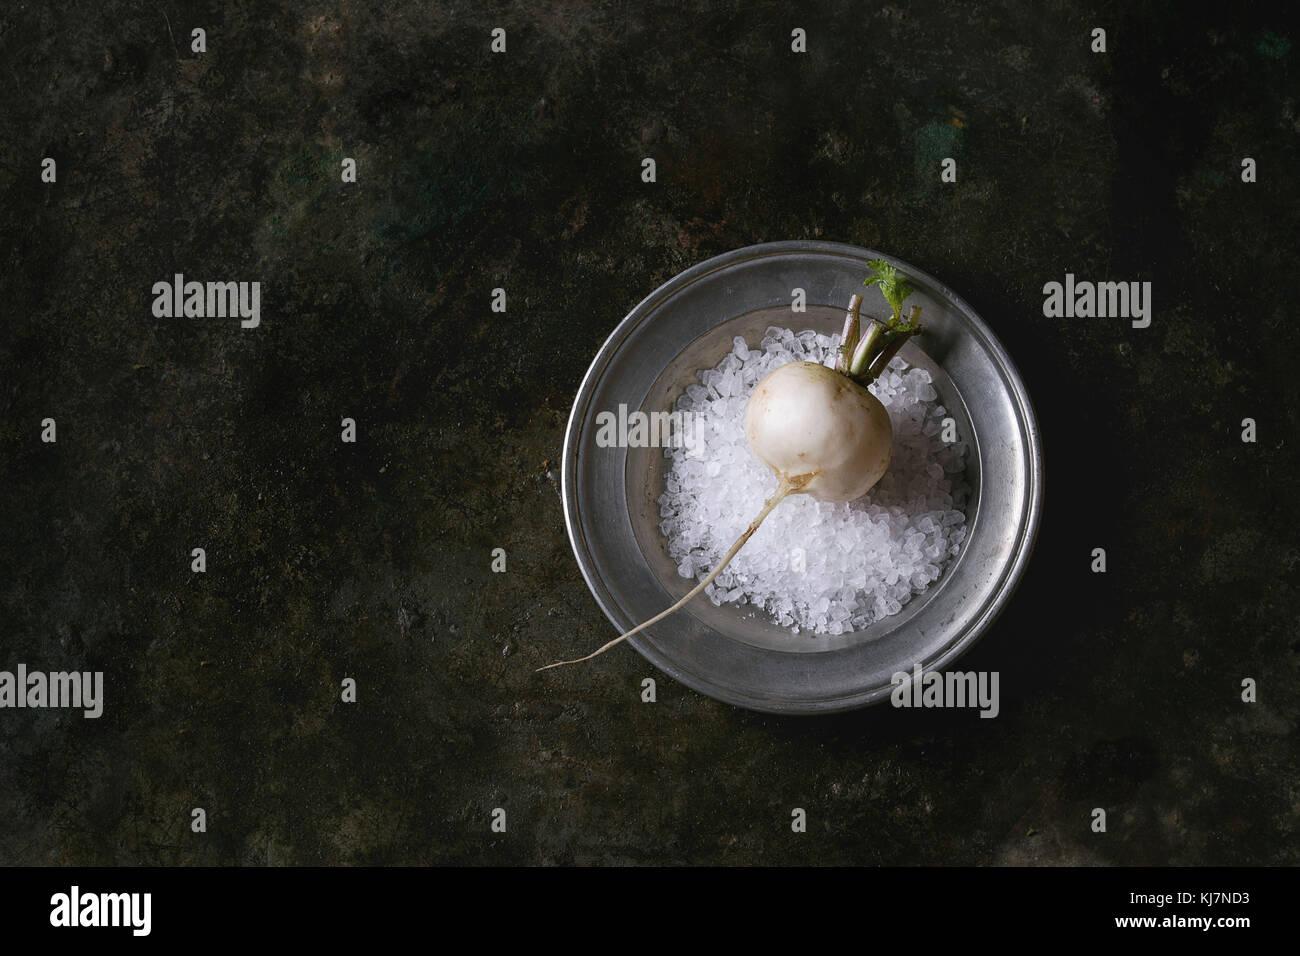 Ensemble blanc frais radis biologiques dans la plaque de métal avec du sel de mer sur dark metal texture background. Photo Stock